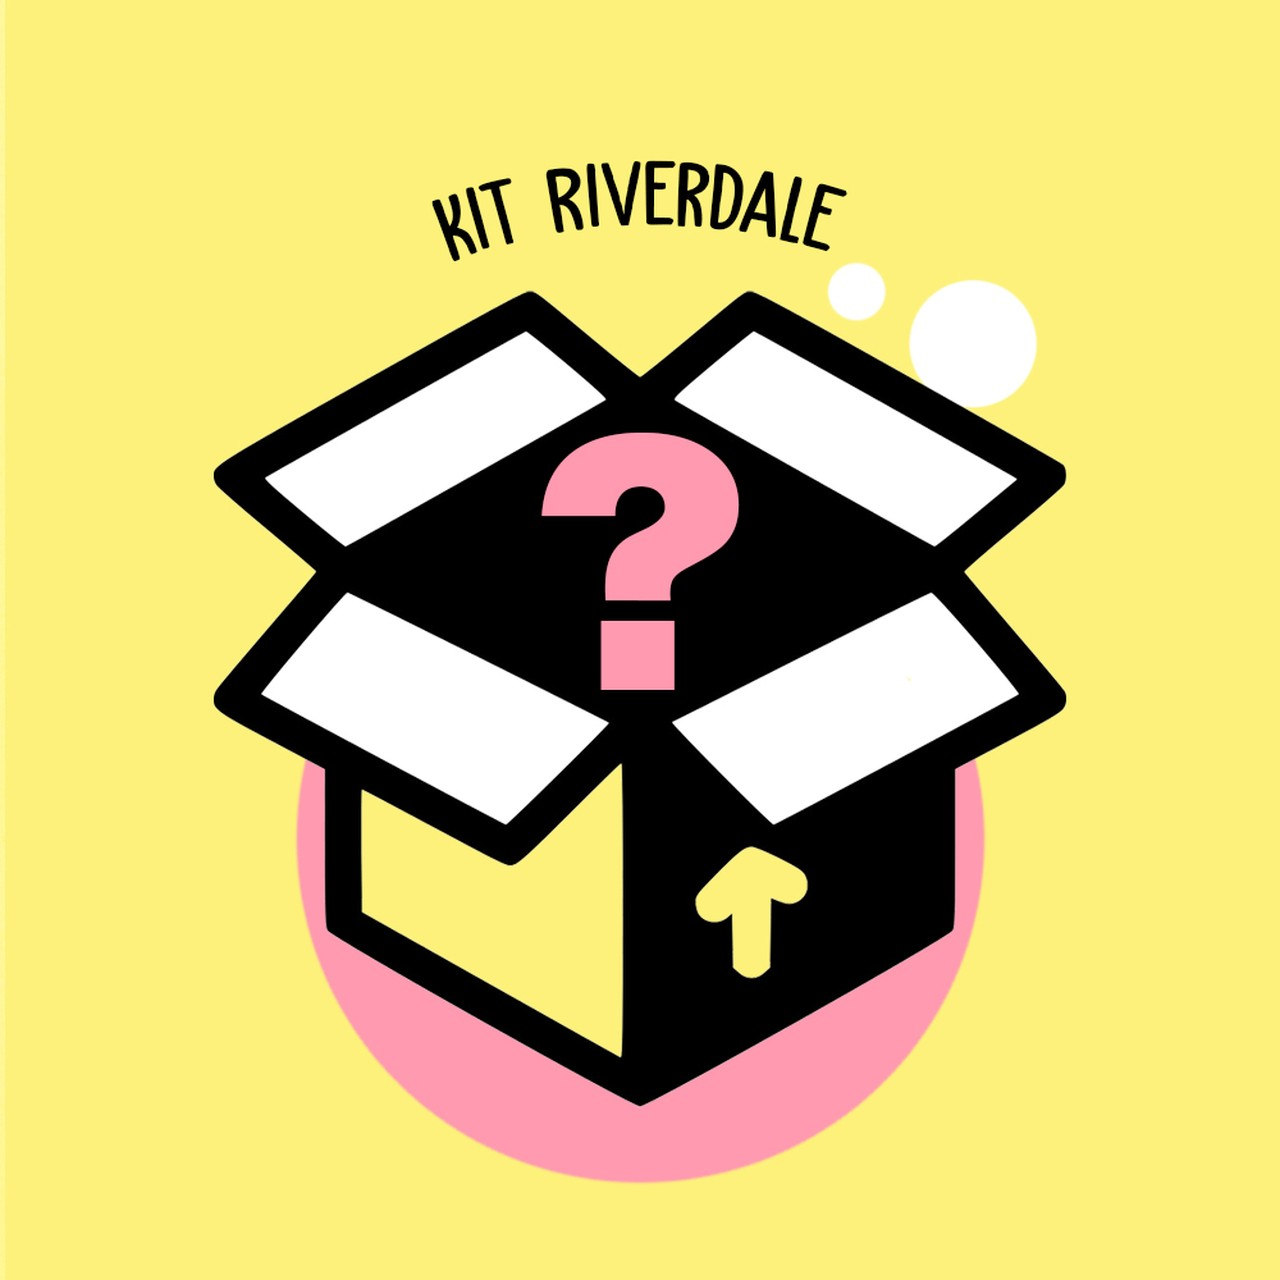 Kit Riverdale